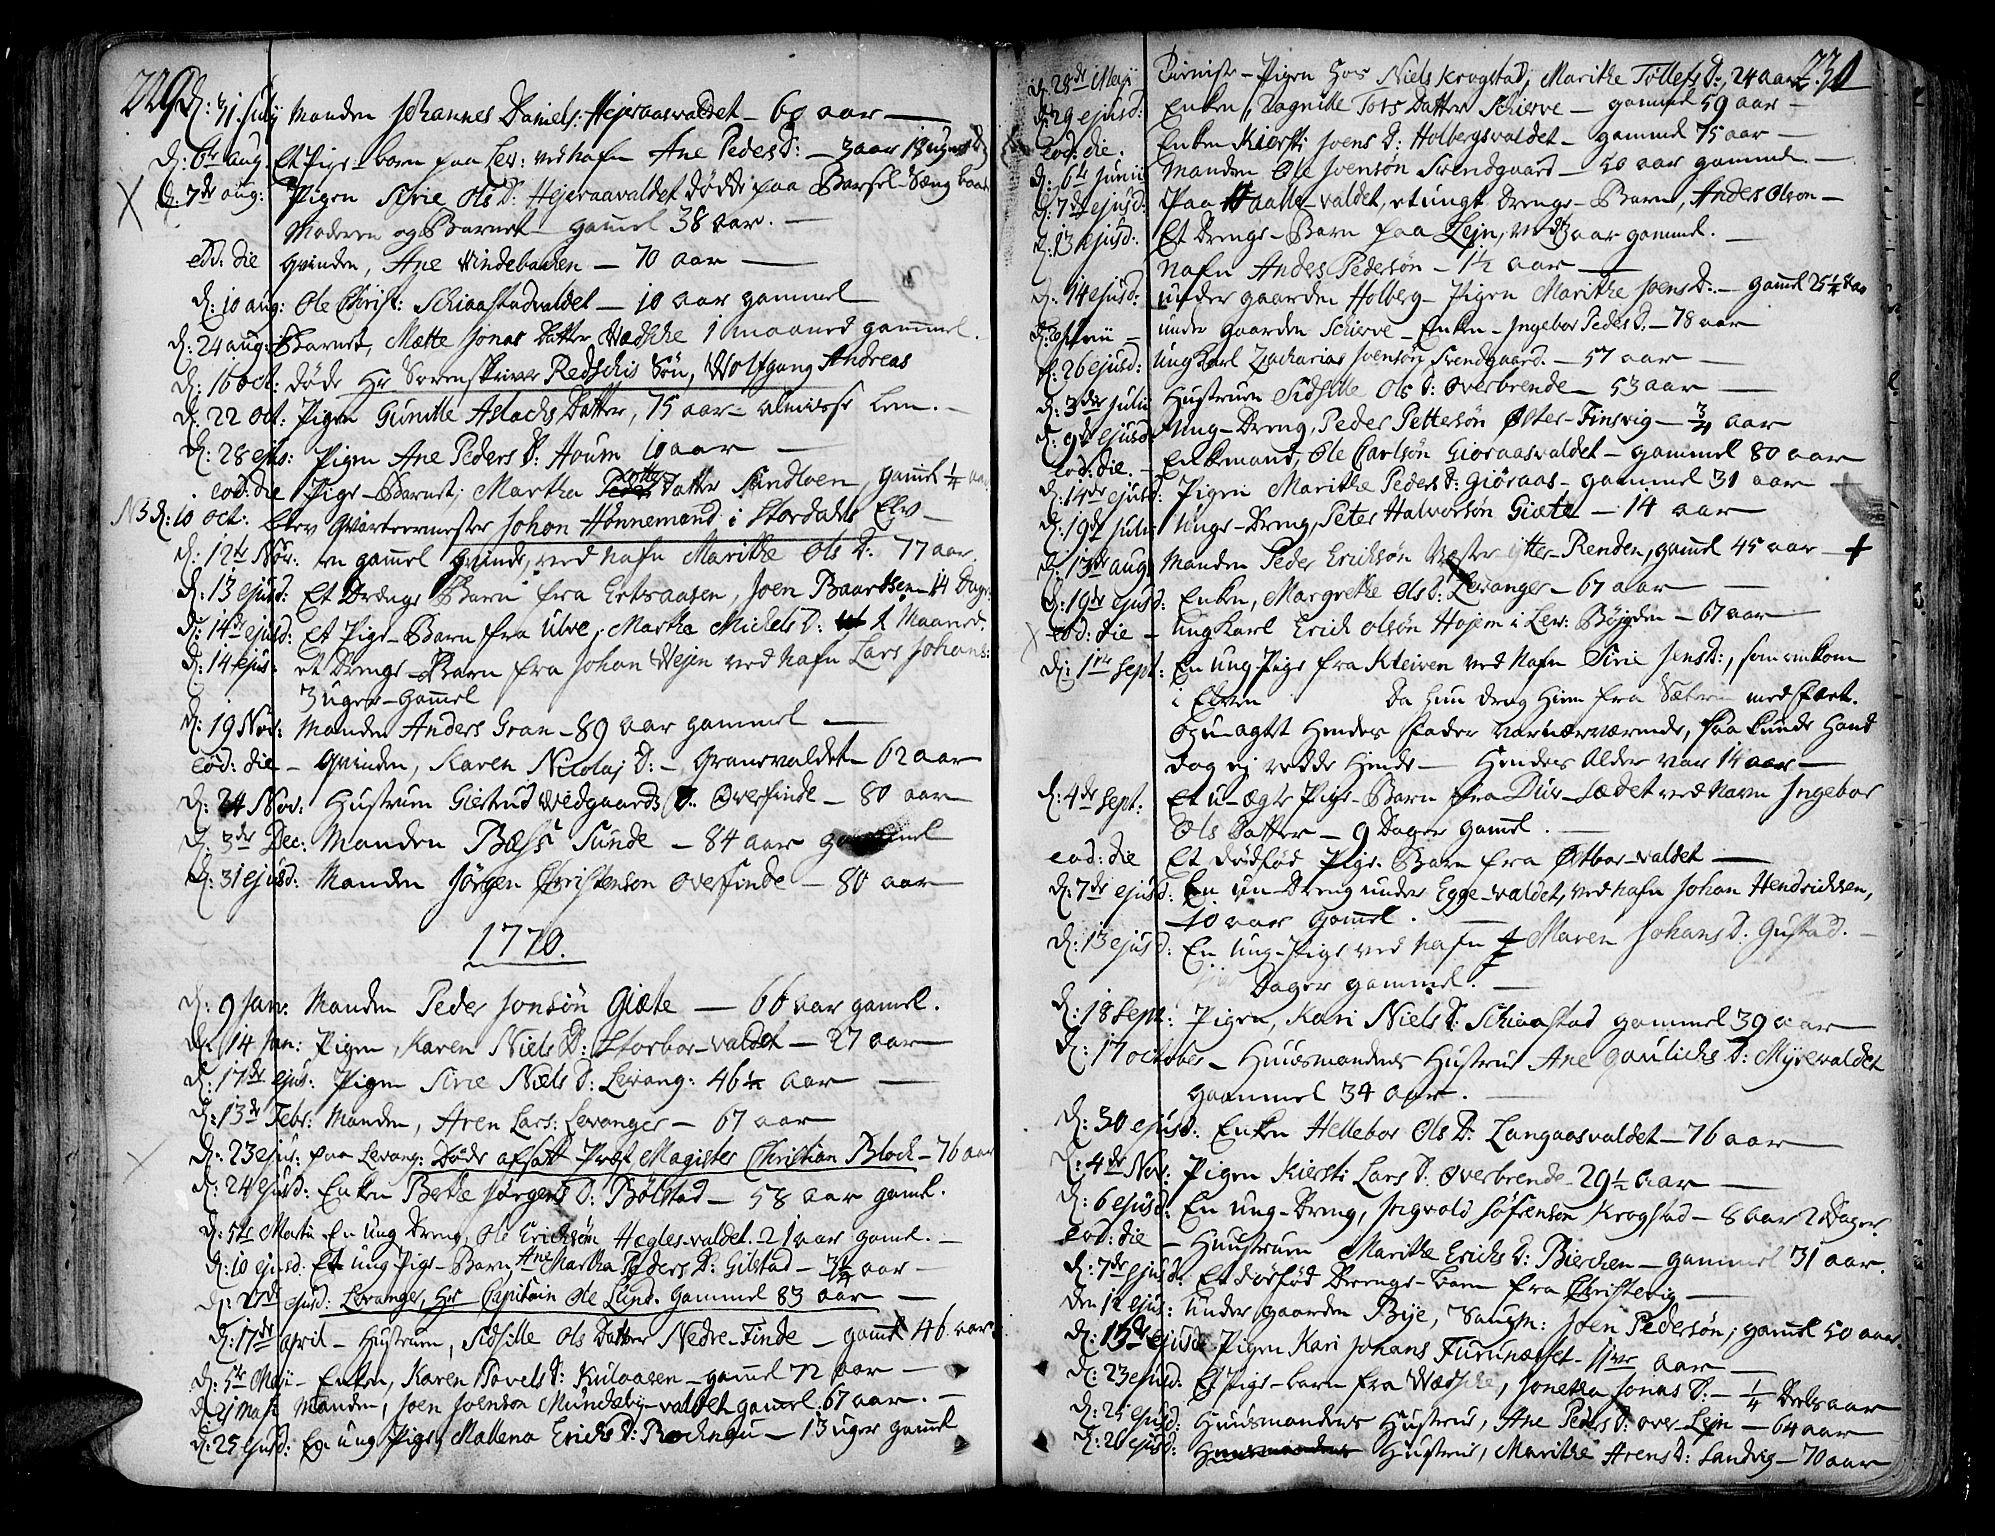 SAT, Ministerialprotokoller, klokkerbøker og fødselsregistre - Nord-Trøndelag, 717/L0141: Ministerialbok nr. 717A01, 1747-1803, s. 229-230